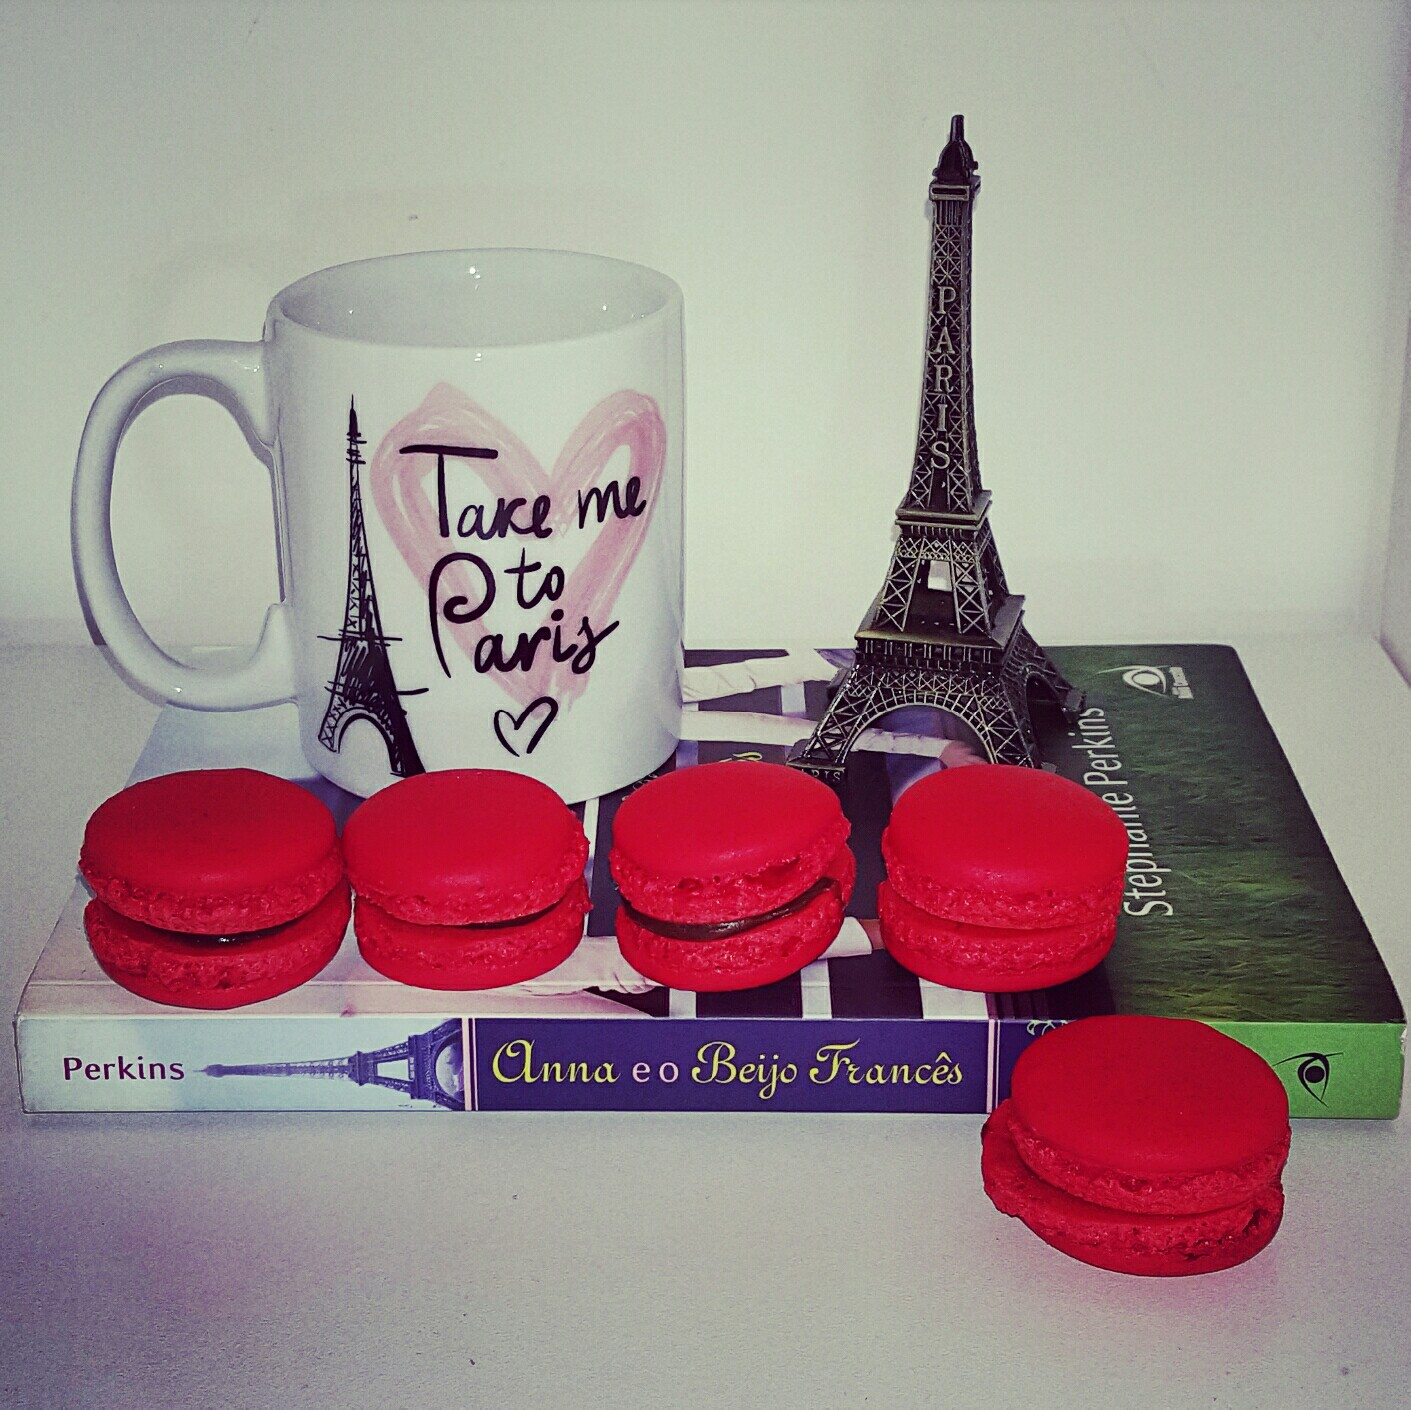 livro Anna e o beijo francês